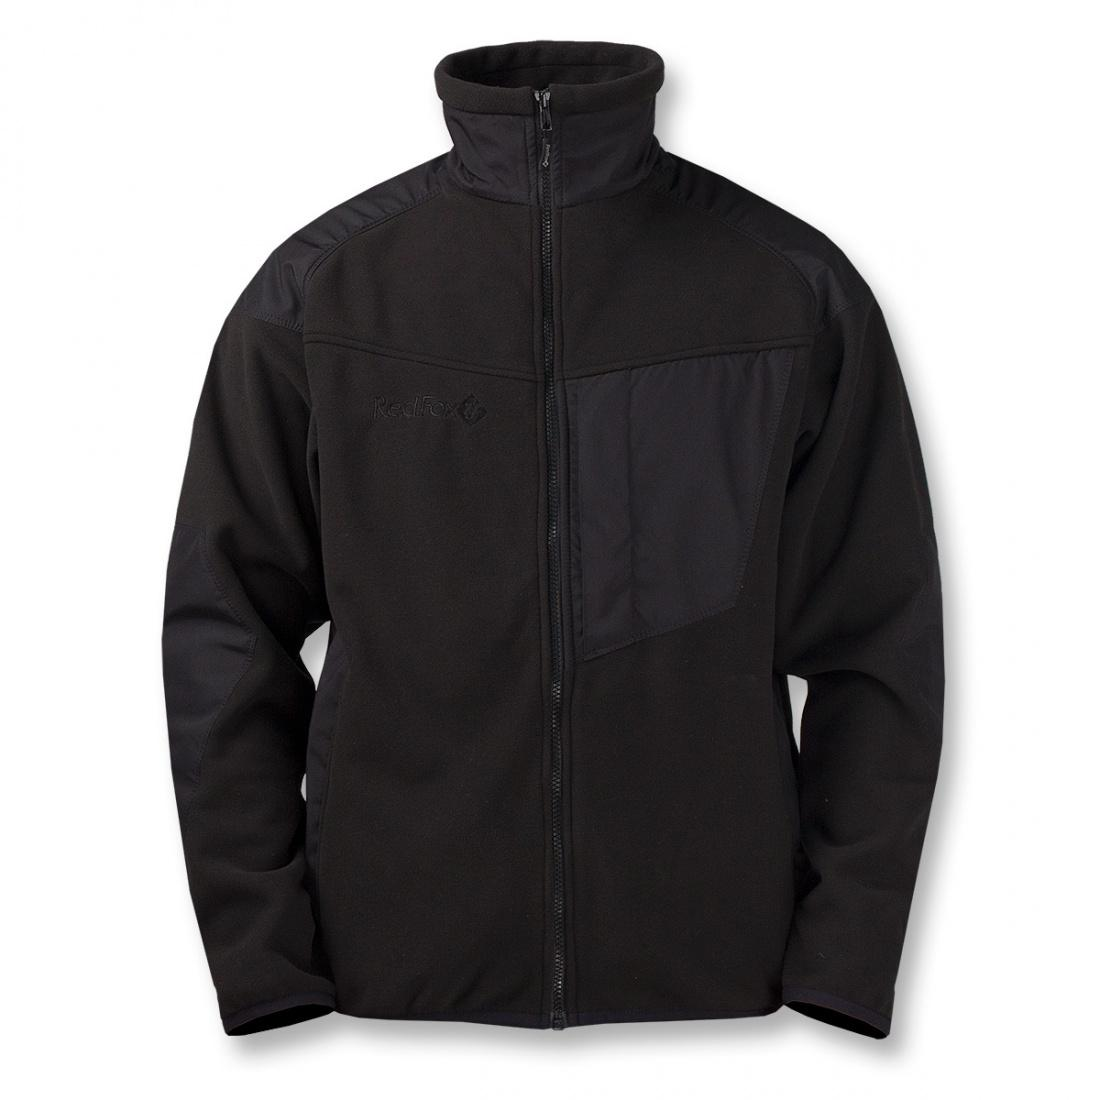 Куртка Ontario WS 09Куртки<br><br> Легкая и теплая куртка из материала WINDSTOPPER® Technical Fleece, заменяющая одновременно ветрозащитный верхний слой одежды и внутренний теплоизо...<br><br>Цвет: Черный<br>Размер: 46